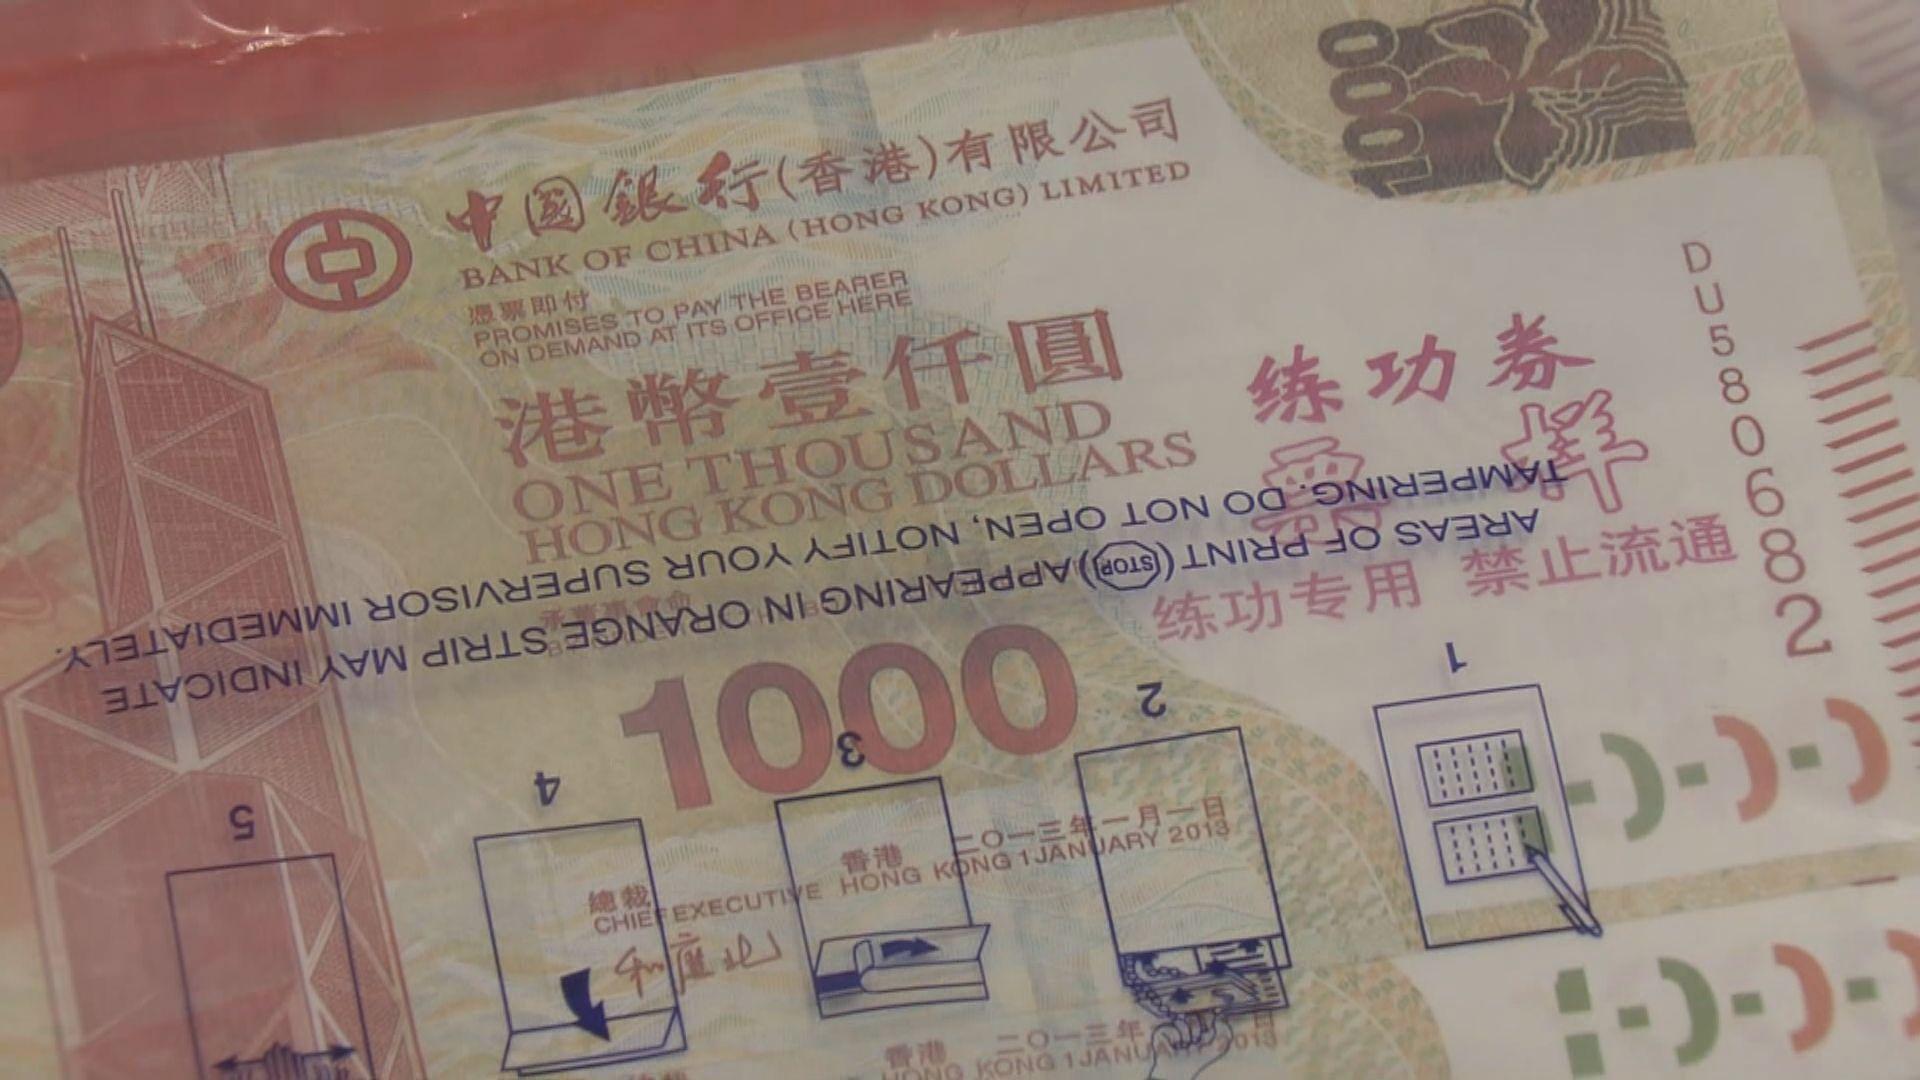 警方檢獲三十萬元偽鈔 上面印有「練功劵」字樣